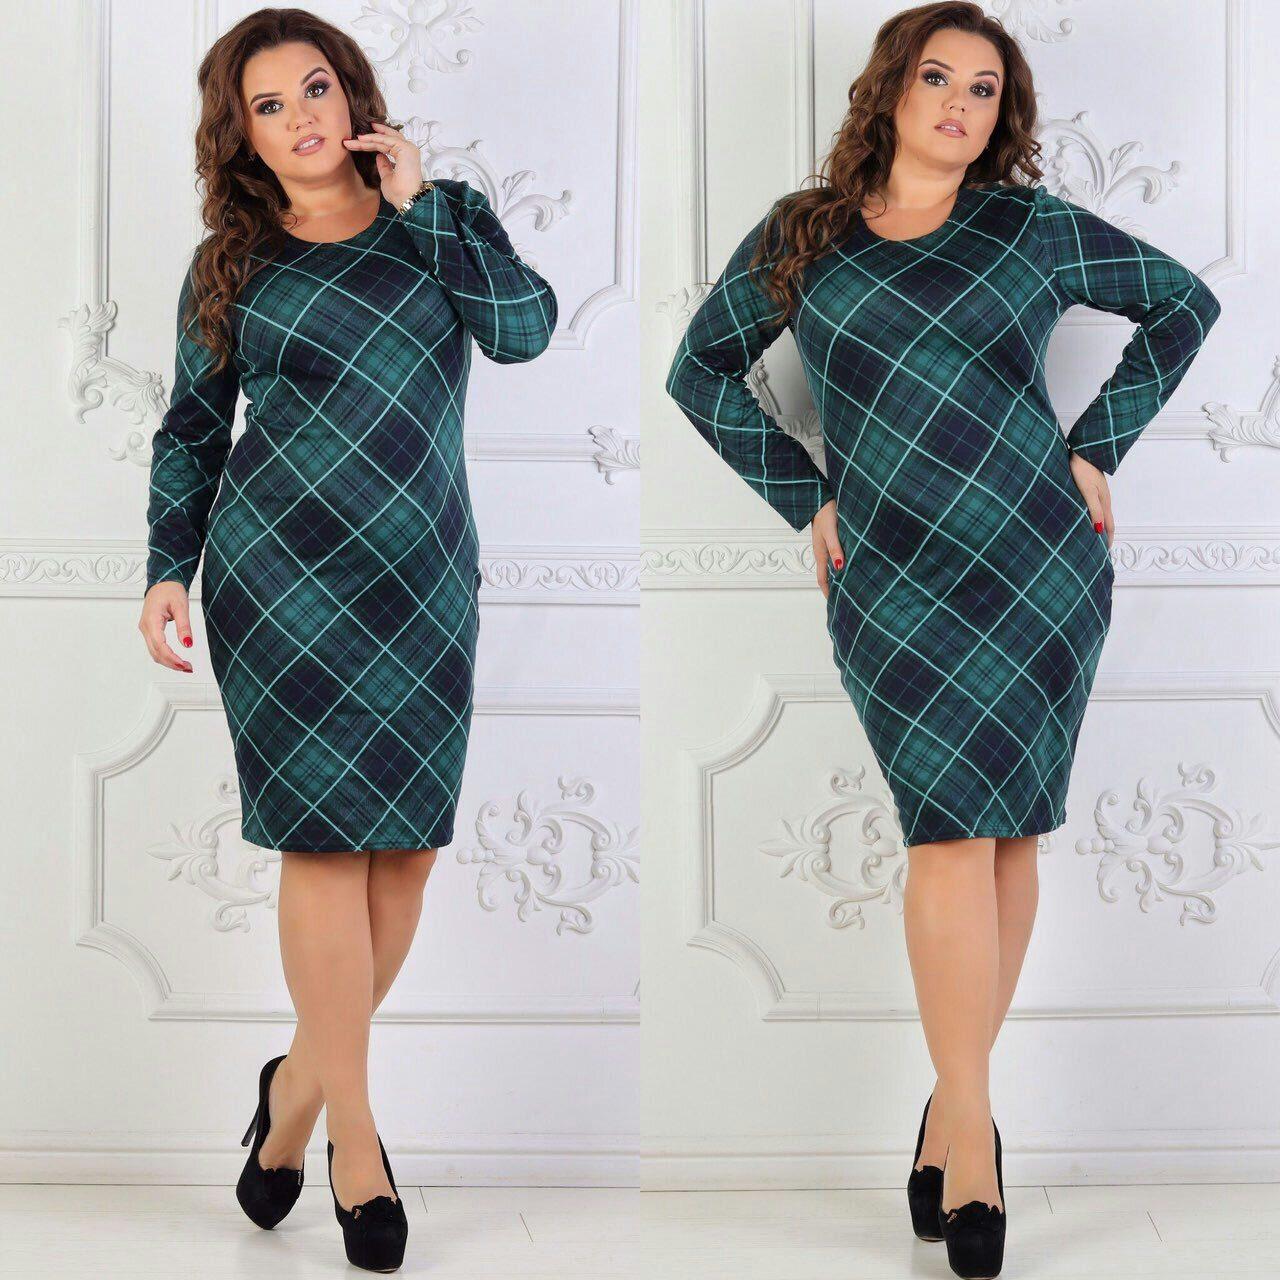 """Красивое женское платье """"Французский трикотаж с добавление Ангоры"""" 50, 52, 54, 56 размеры баталы"""